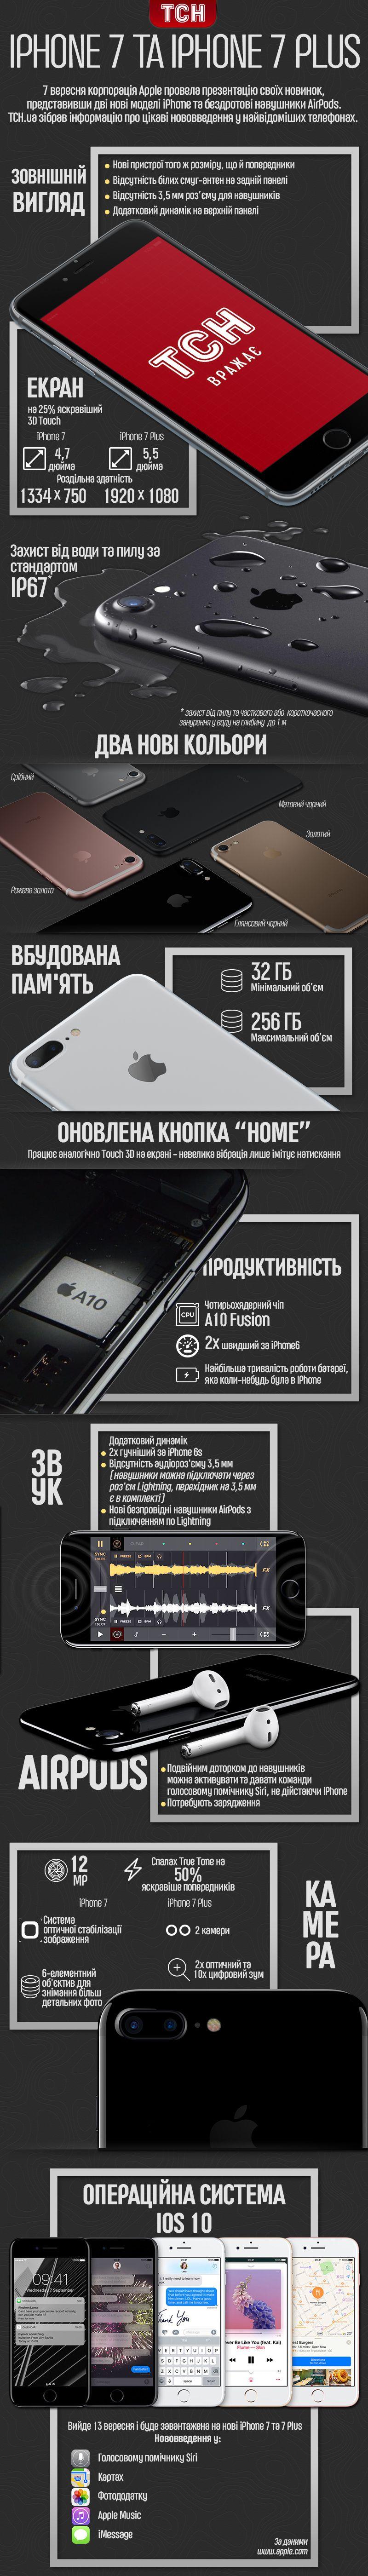 iPhone7 інфографіка